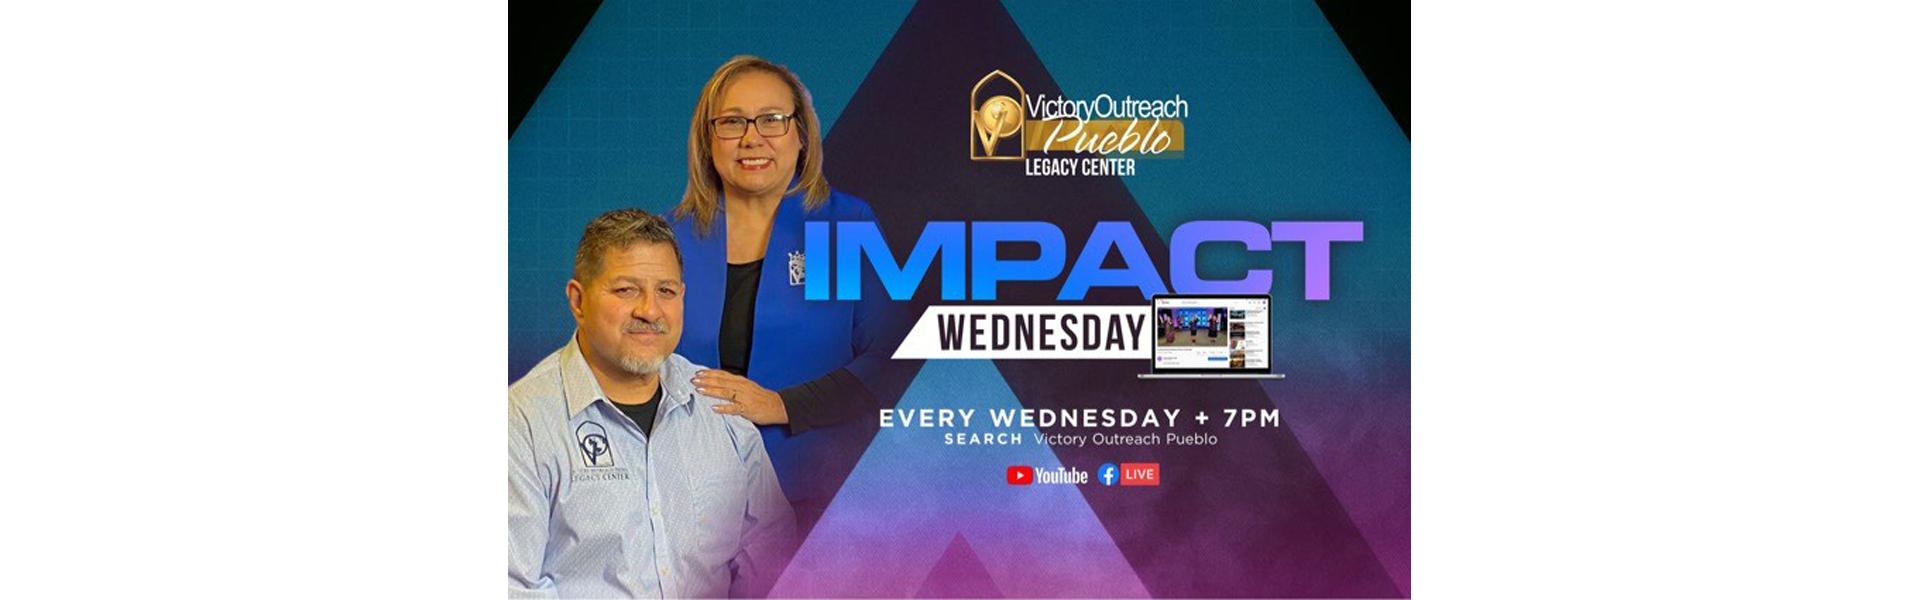 Impact Wednesday